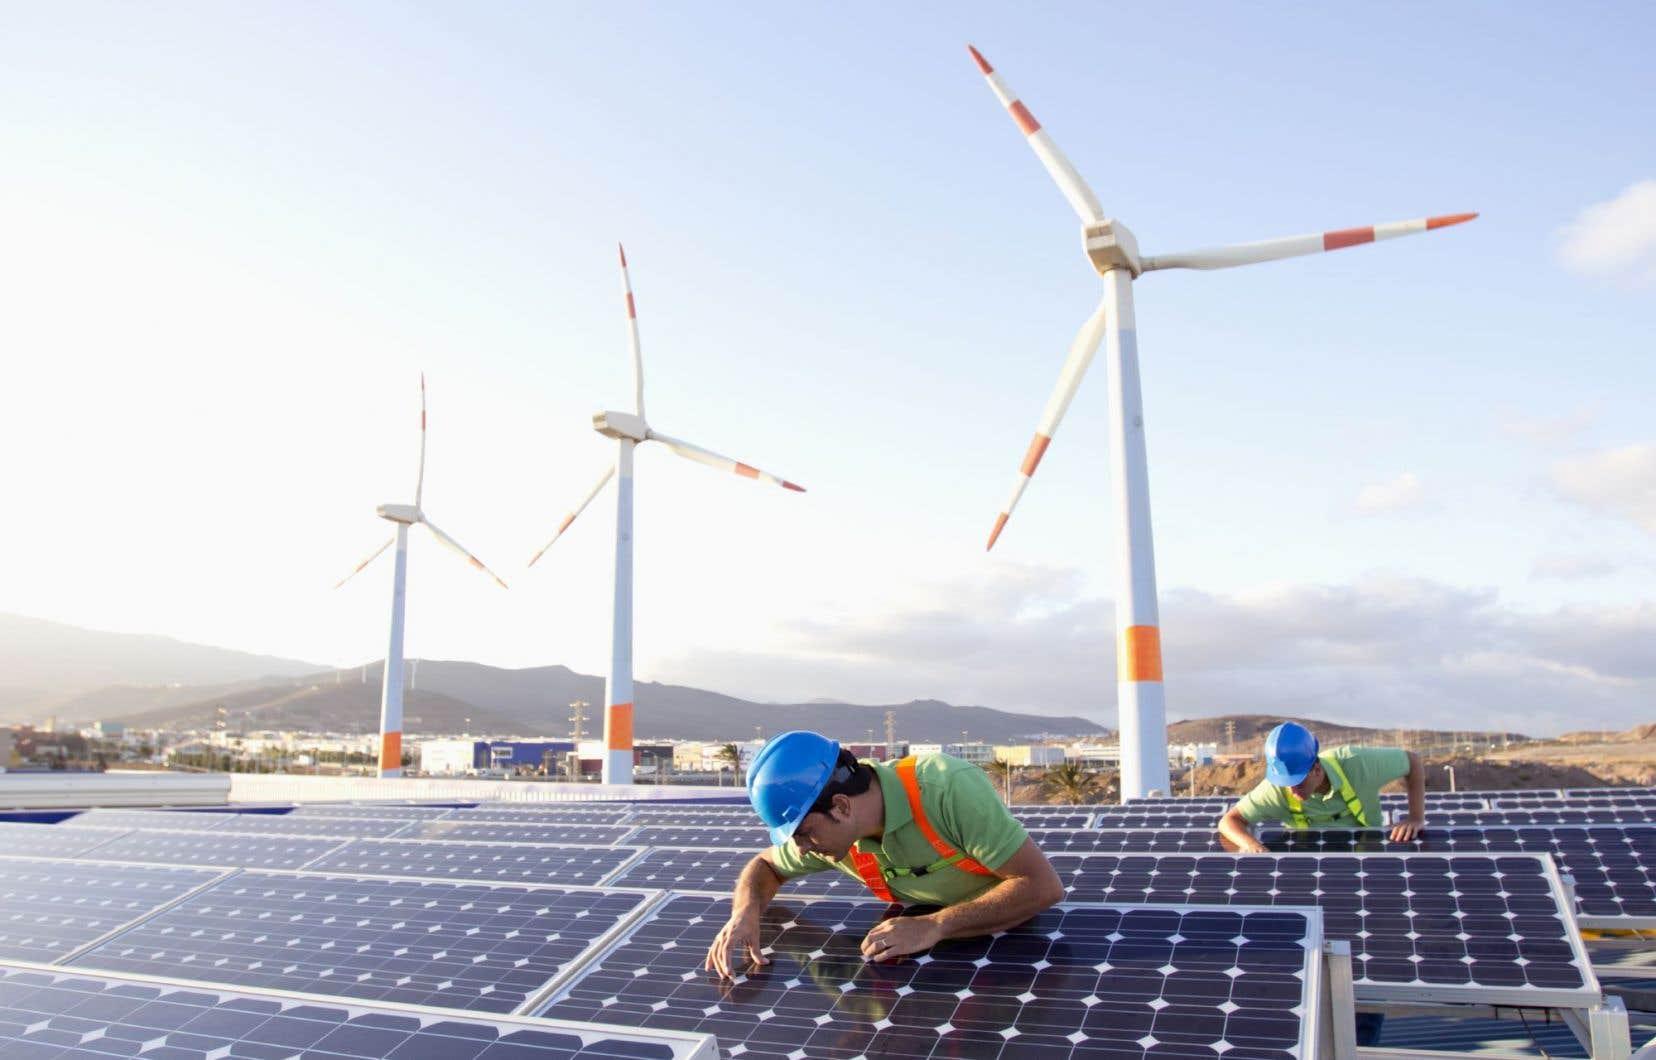 Selon ExxonMobil,les énergies solaire et éolienne vont connaître une forte croissance, aidées par des politiques publiques agressives.